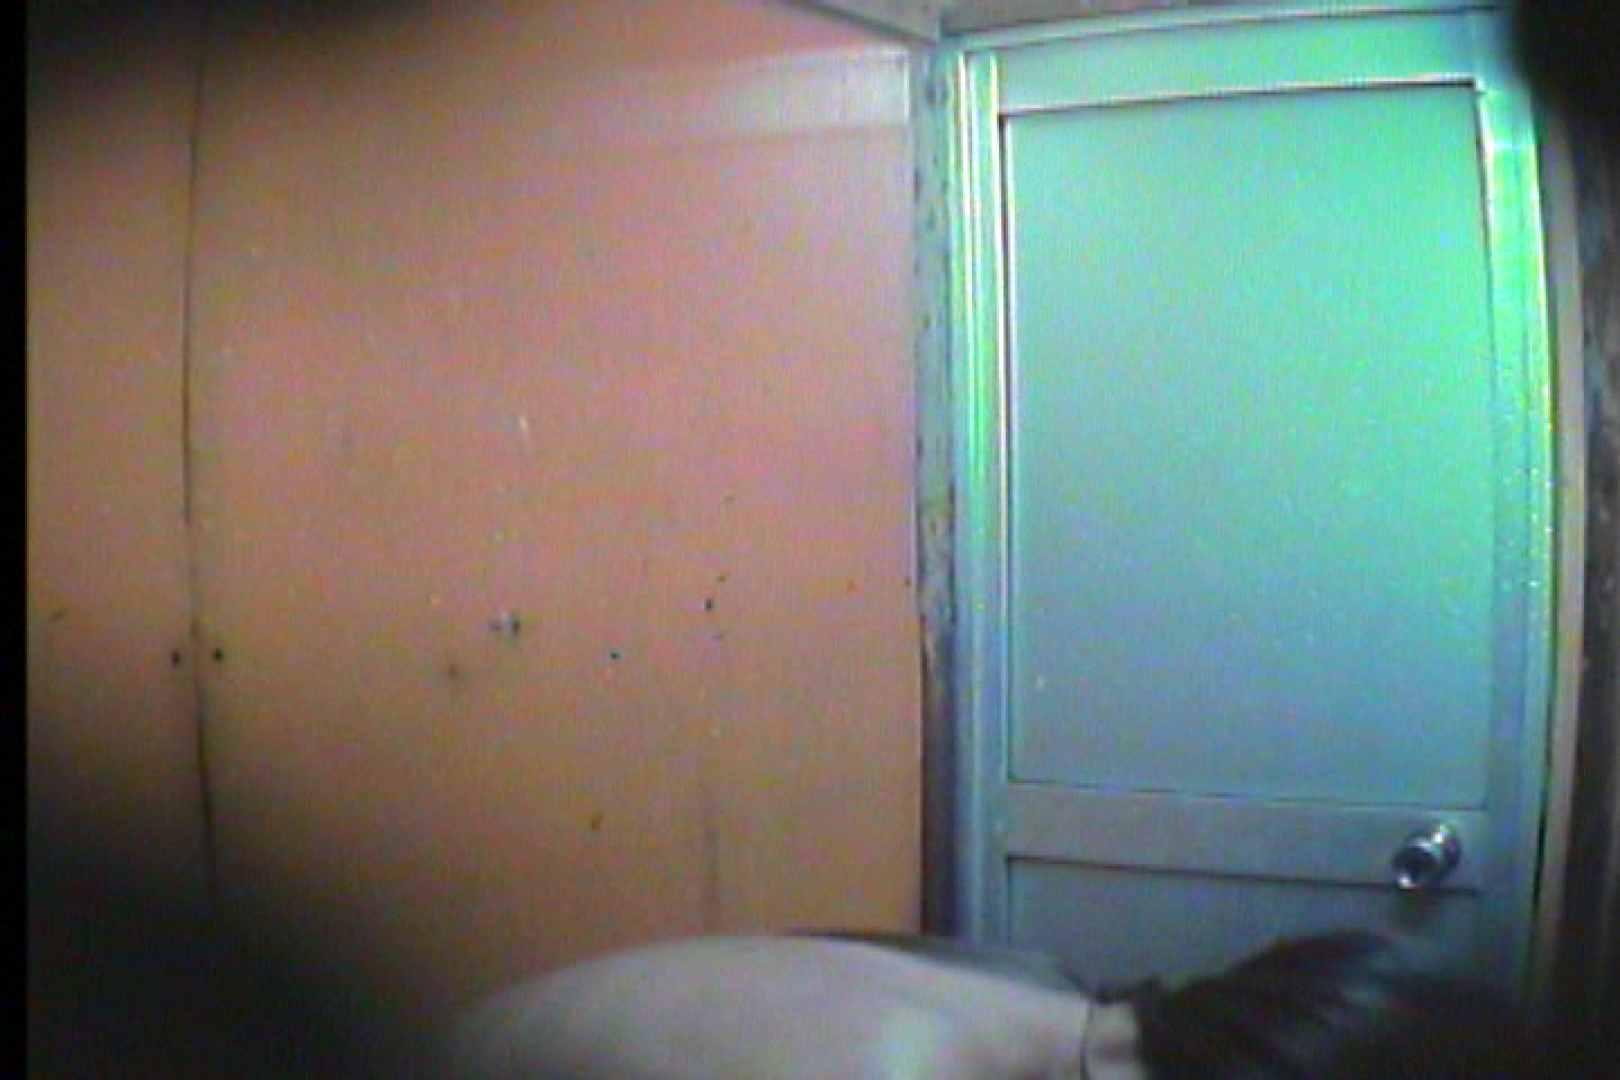 海の家の更衣室 Vol.46 OLの実態  99pic 66